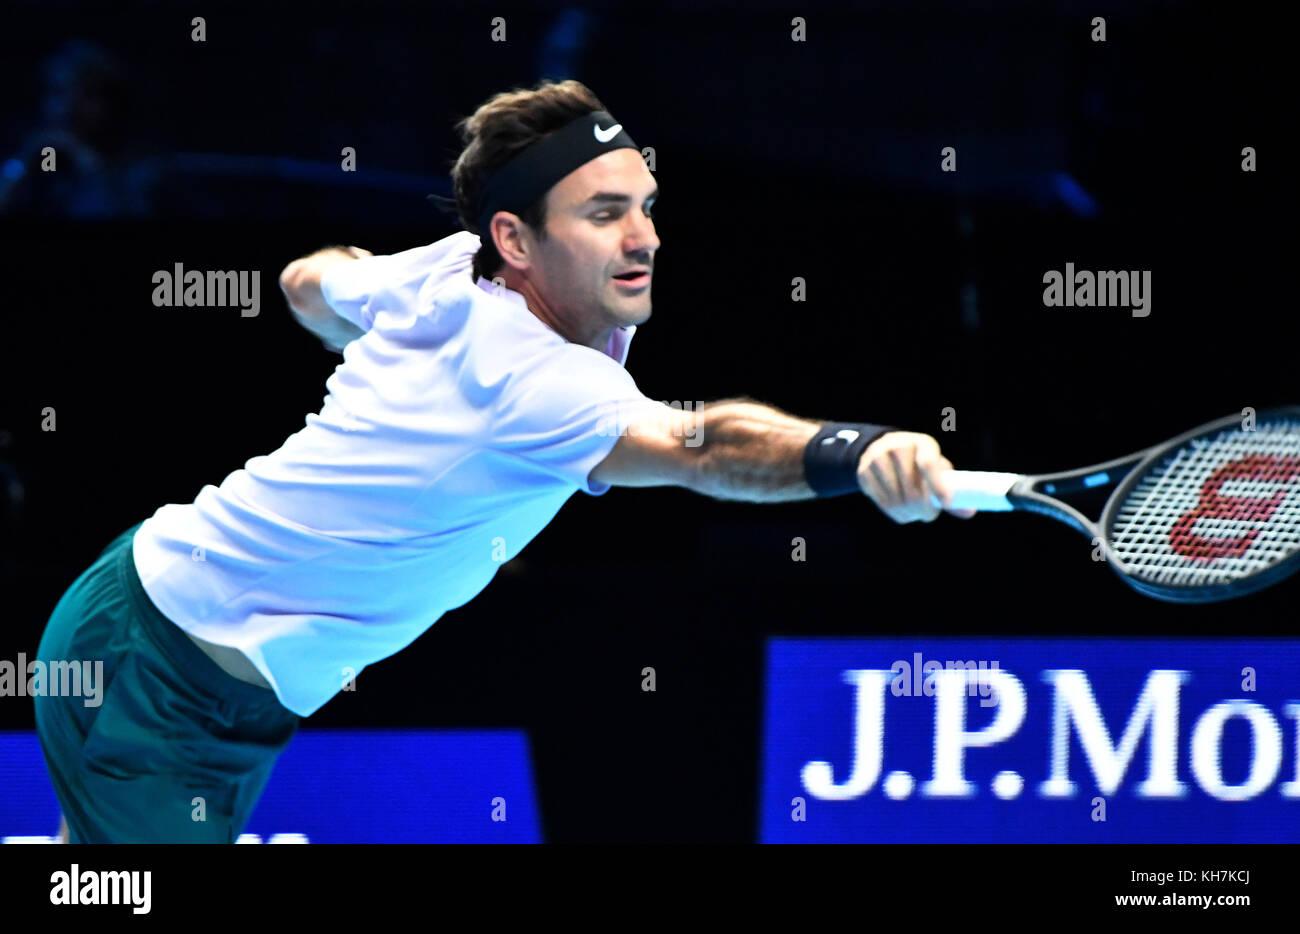 14 11 2017 Atp World Tour Finals At O2 Arena London Uk Roger Federer